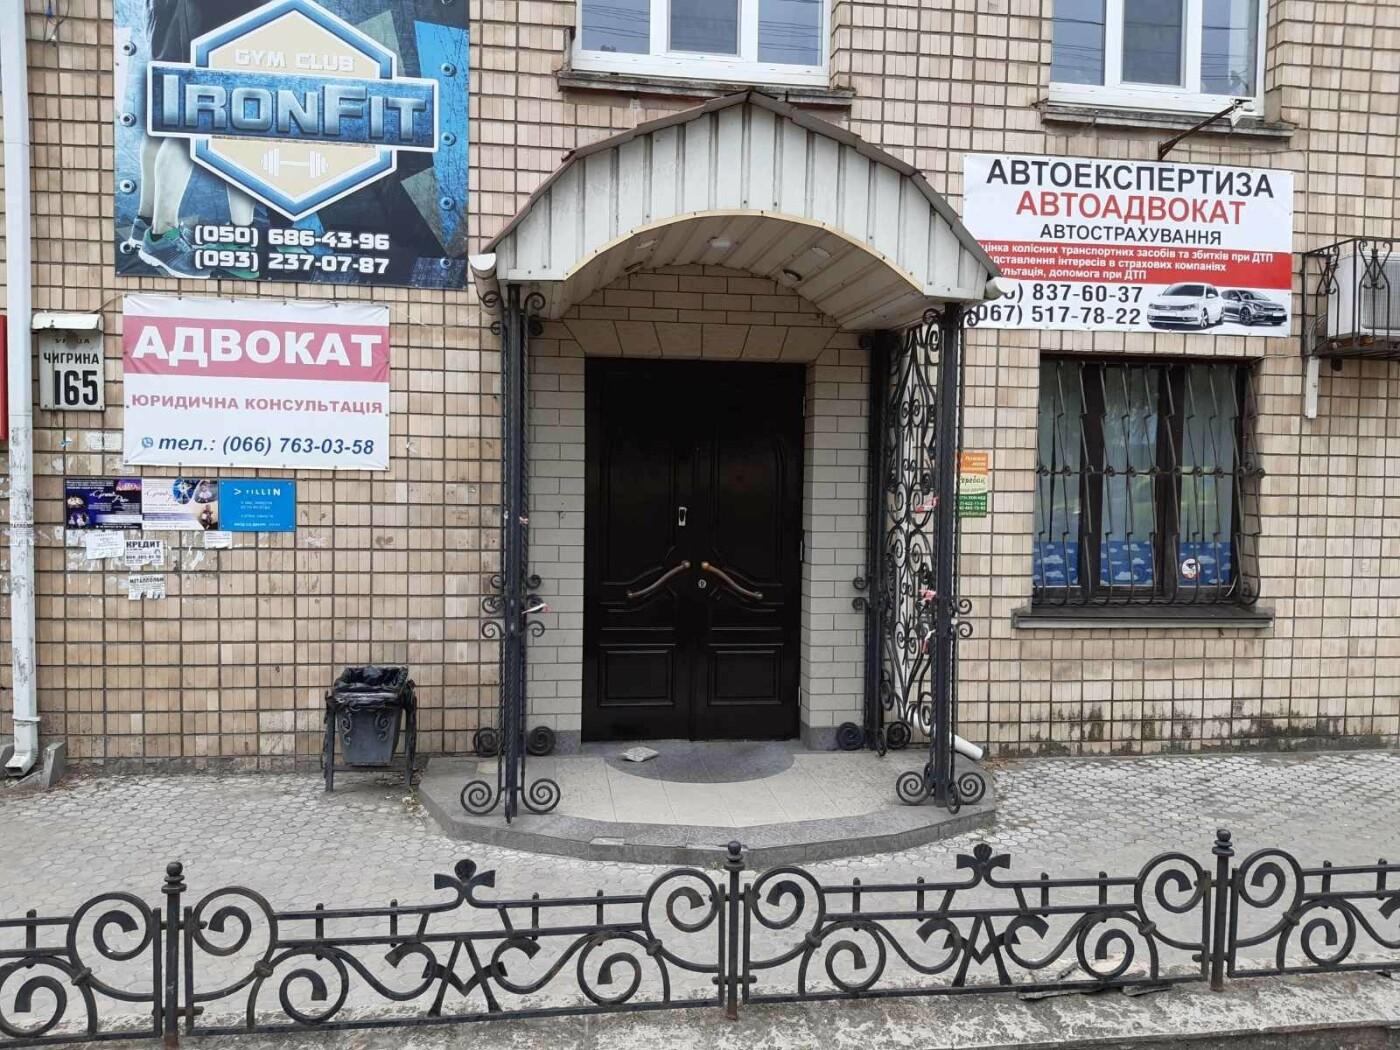 Юридическая и адвокатская помощь в Николаеве , фото-27